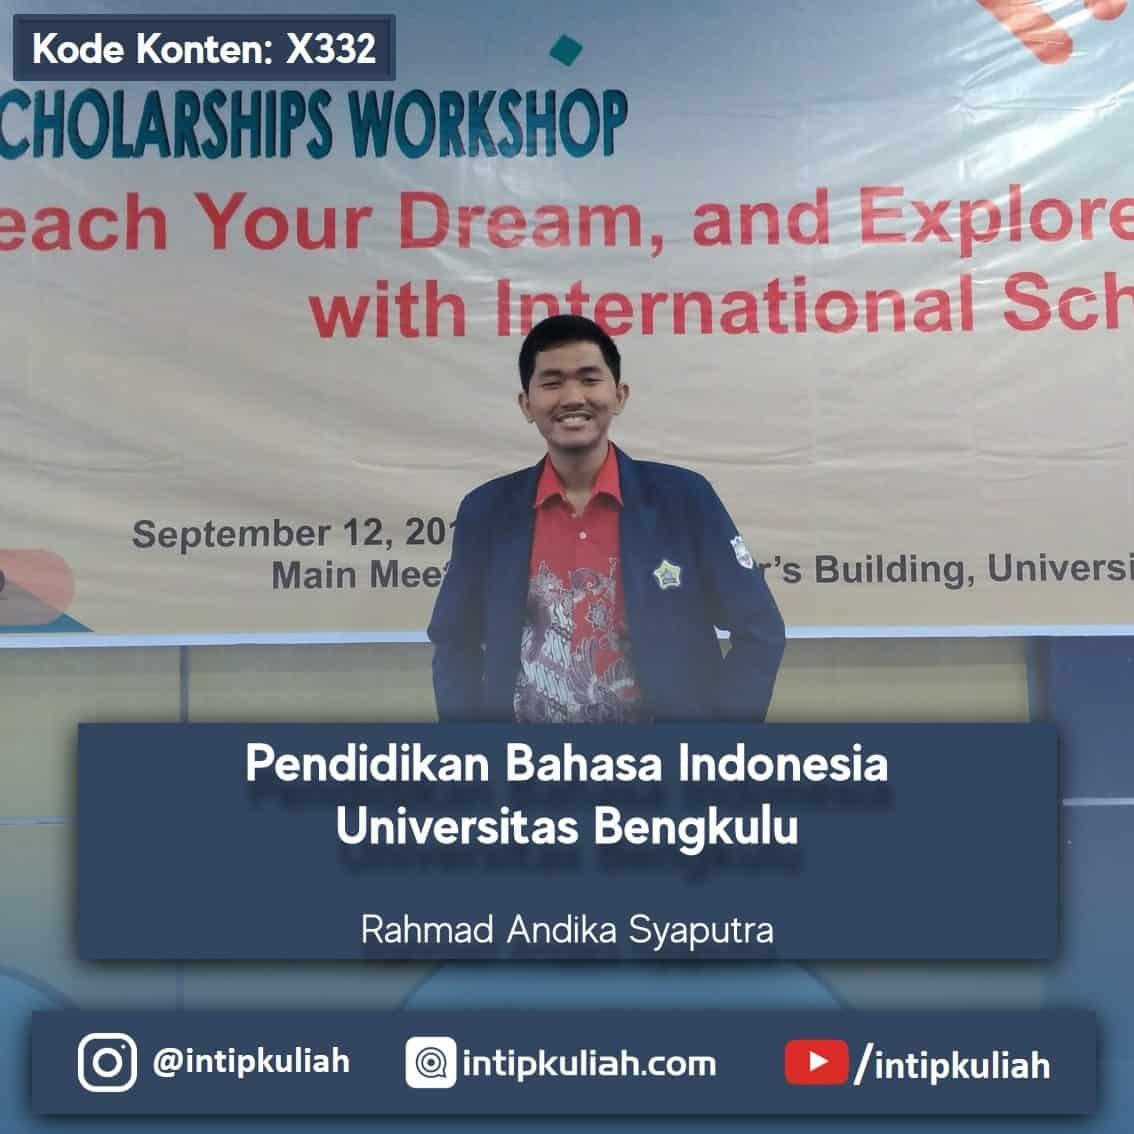 Pendidikan Bahasa Indonesia Universitas Bengkulu (Andi)